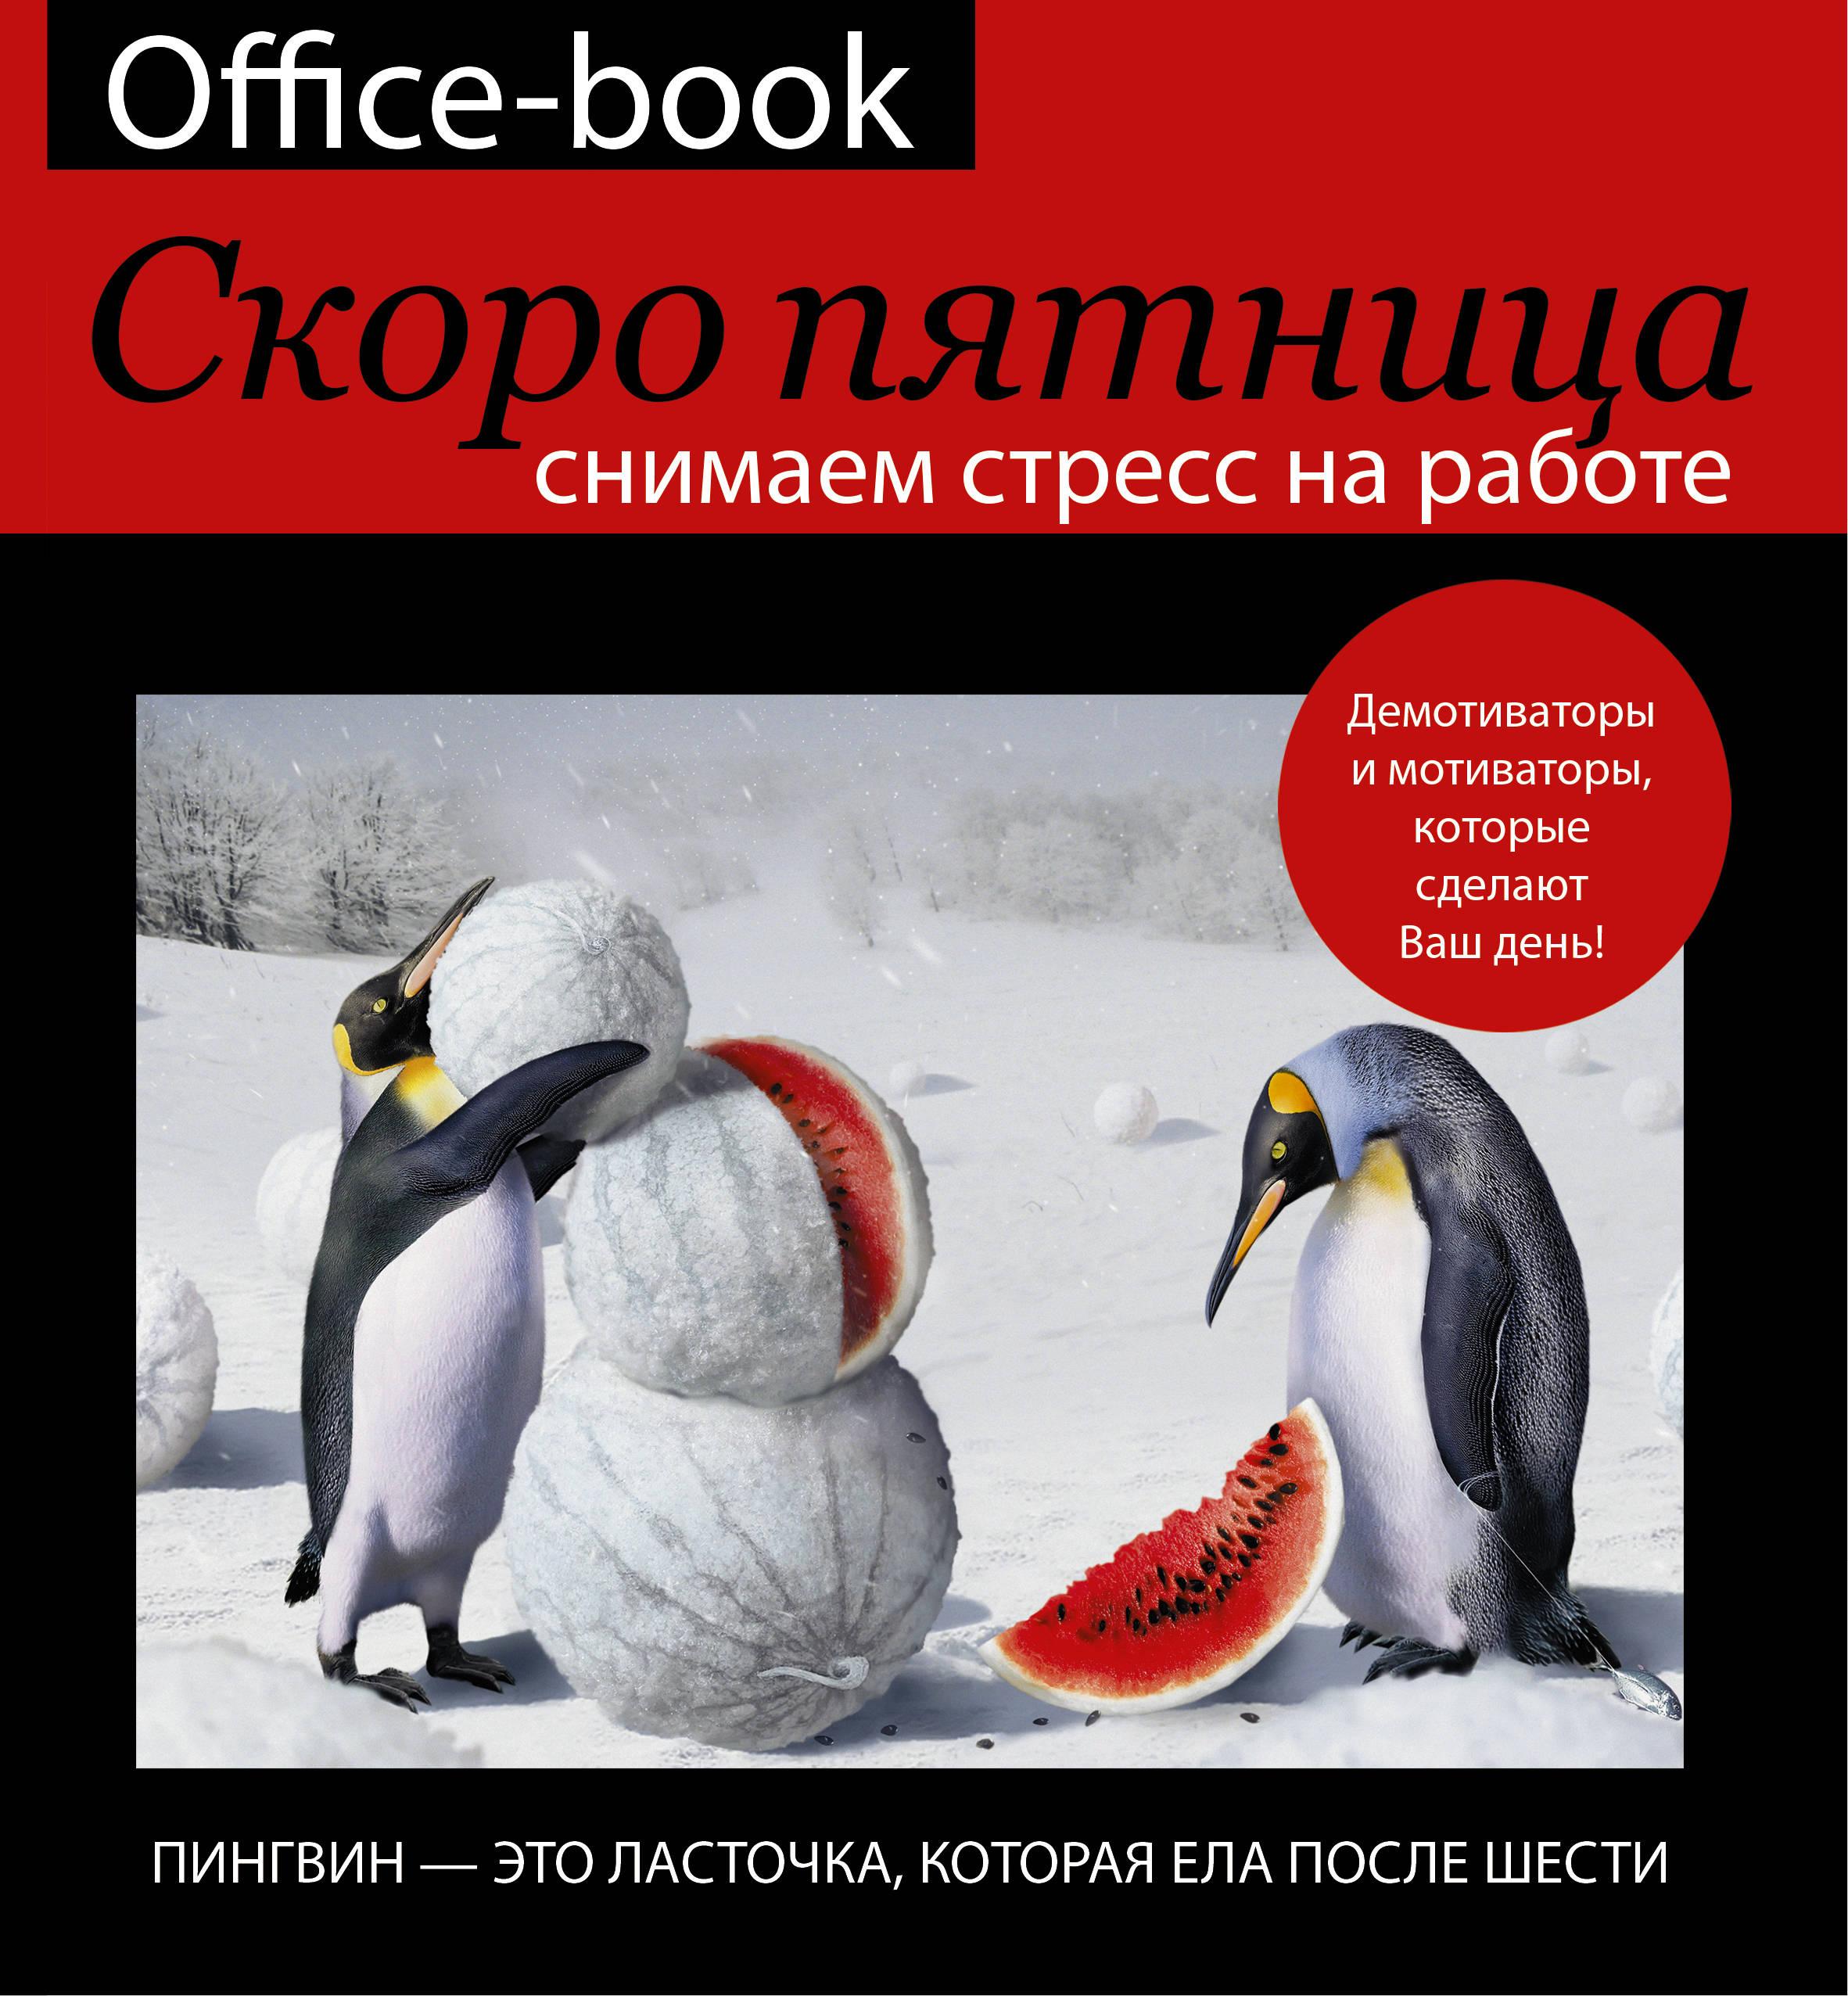 Коваленко Д.Г. Office-book; скоро пятница. Снимаем стресс на работе. Демотиваторы и мотиваторы, которые сделают ваш день.